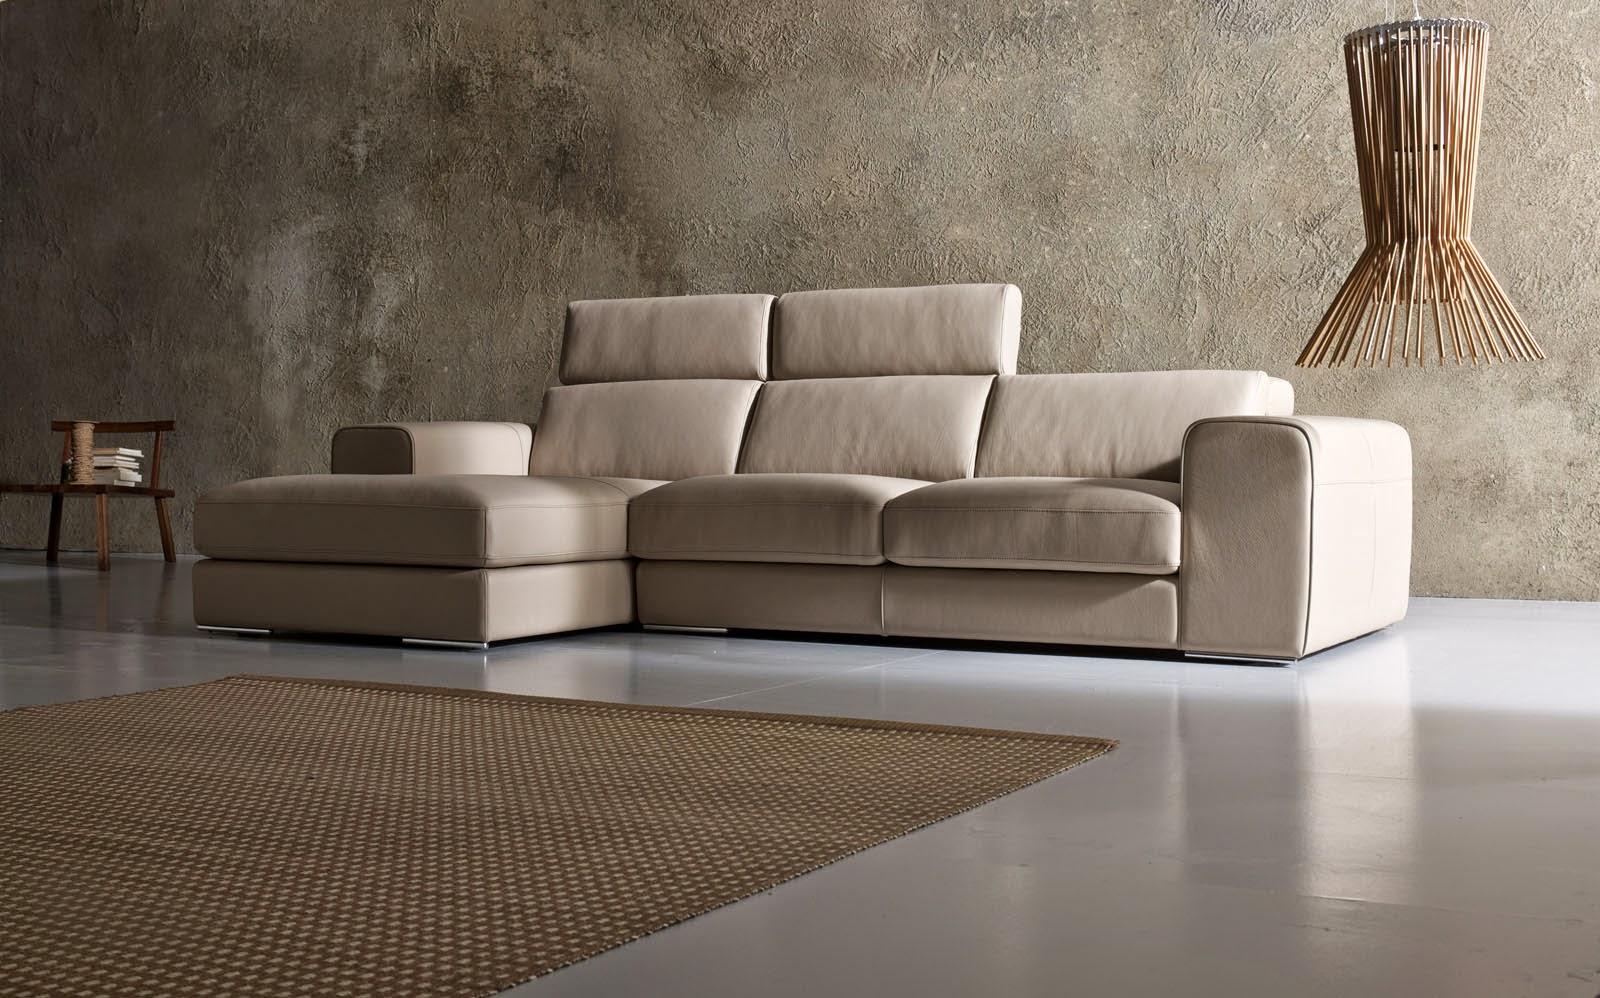 Rifoderare divano in pelle perfect il divano with rifoderare divano in pelle fabulous divano - Divano pelle rigenerata ...